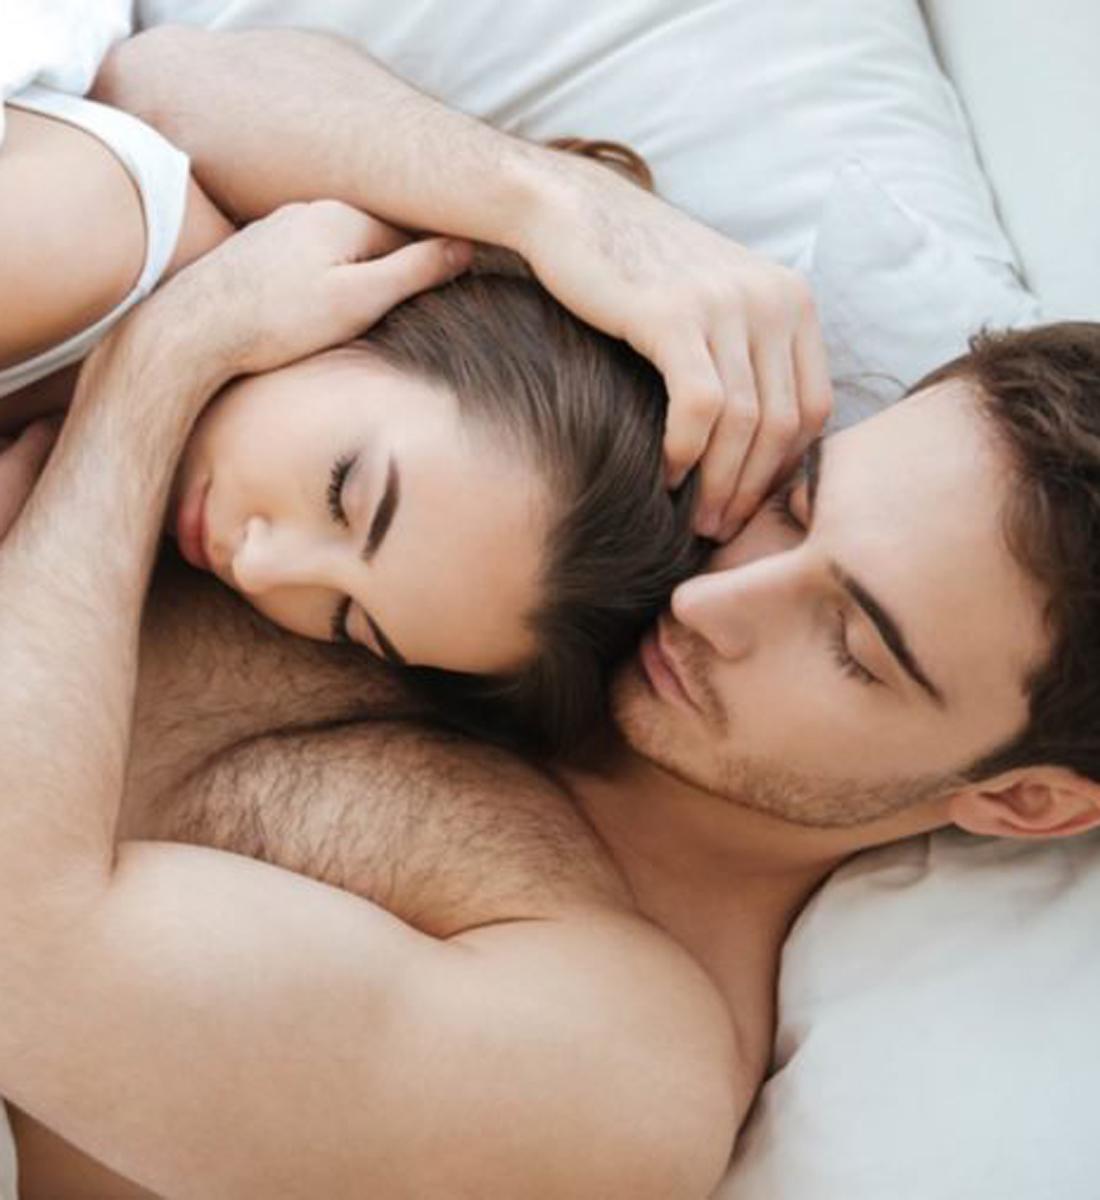 Γιατί οι άντρες θέλουν να κάνουν πρωκτικό σεξ